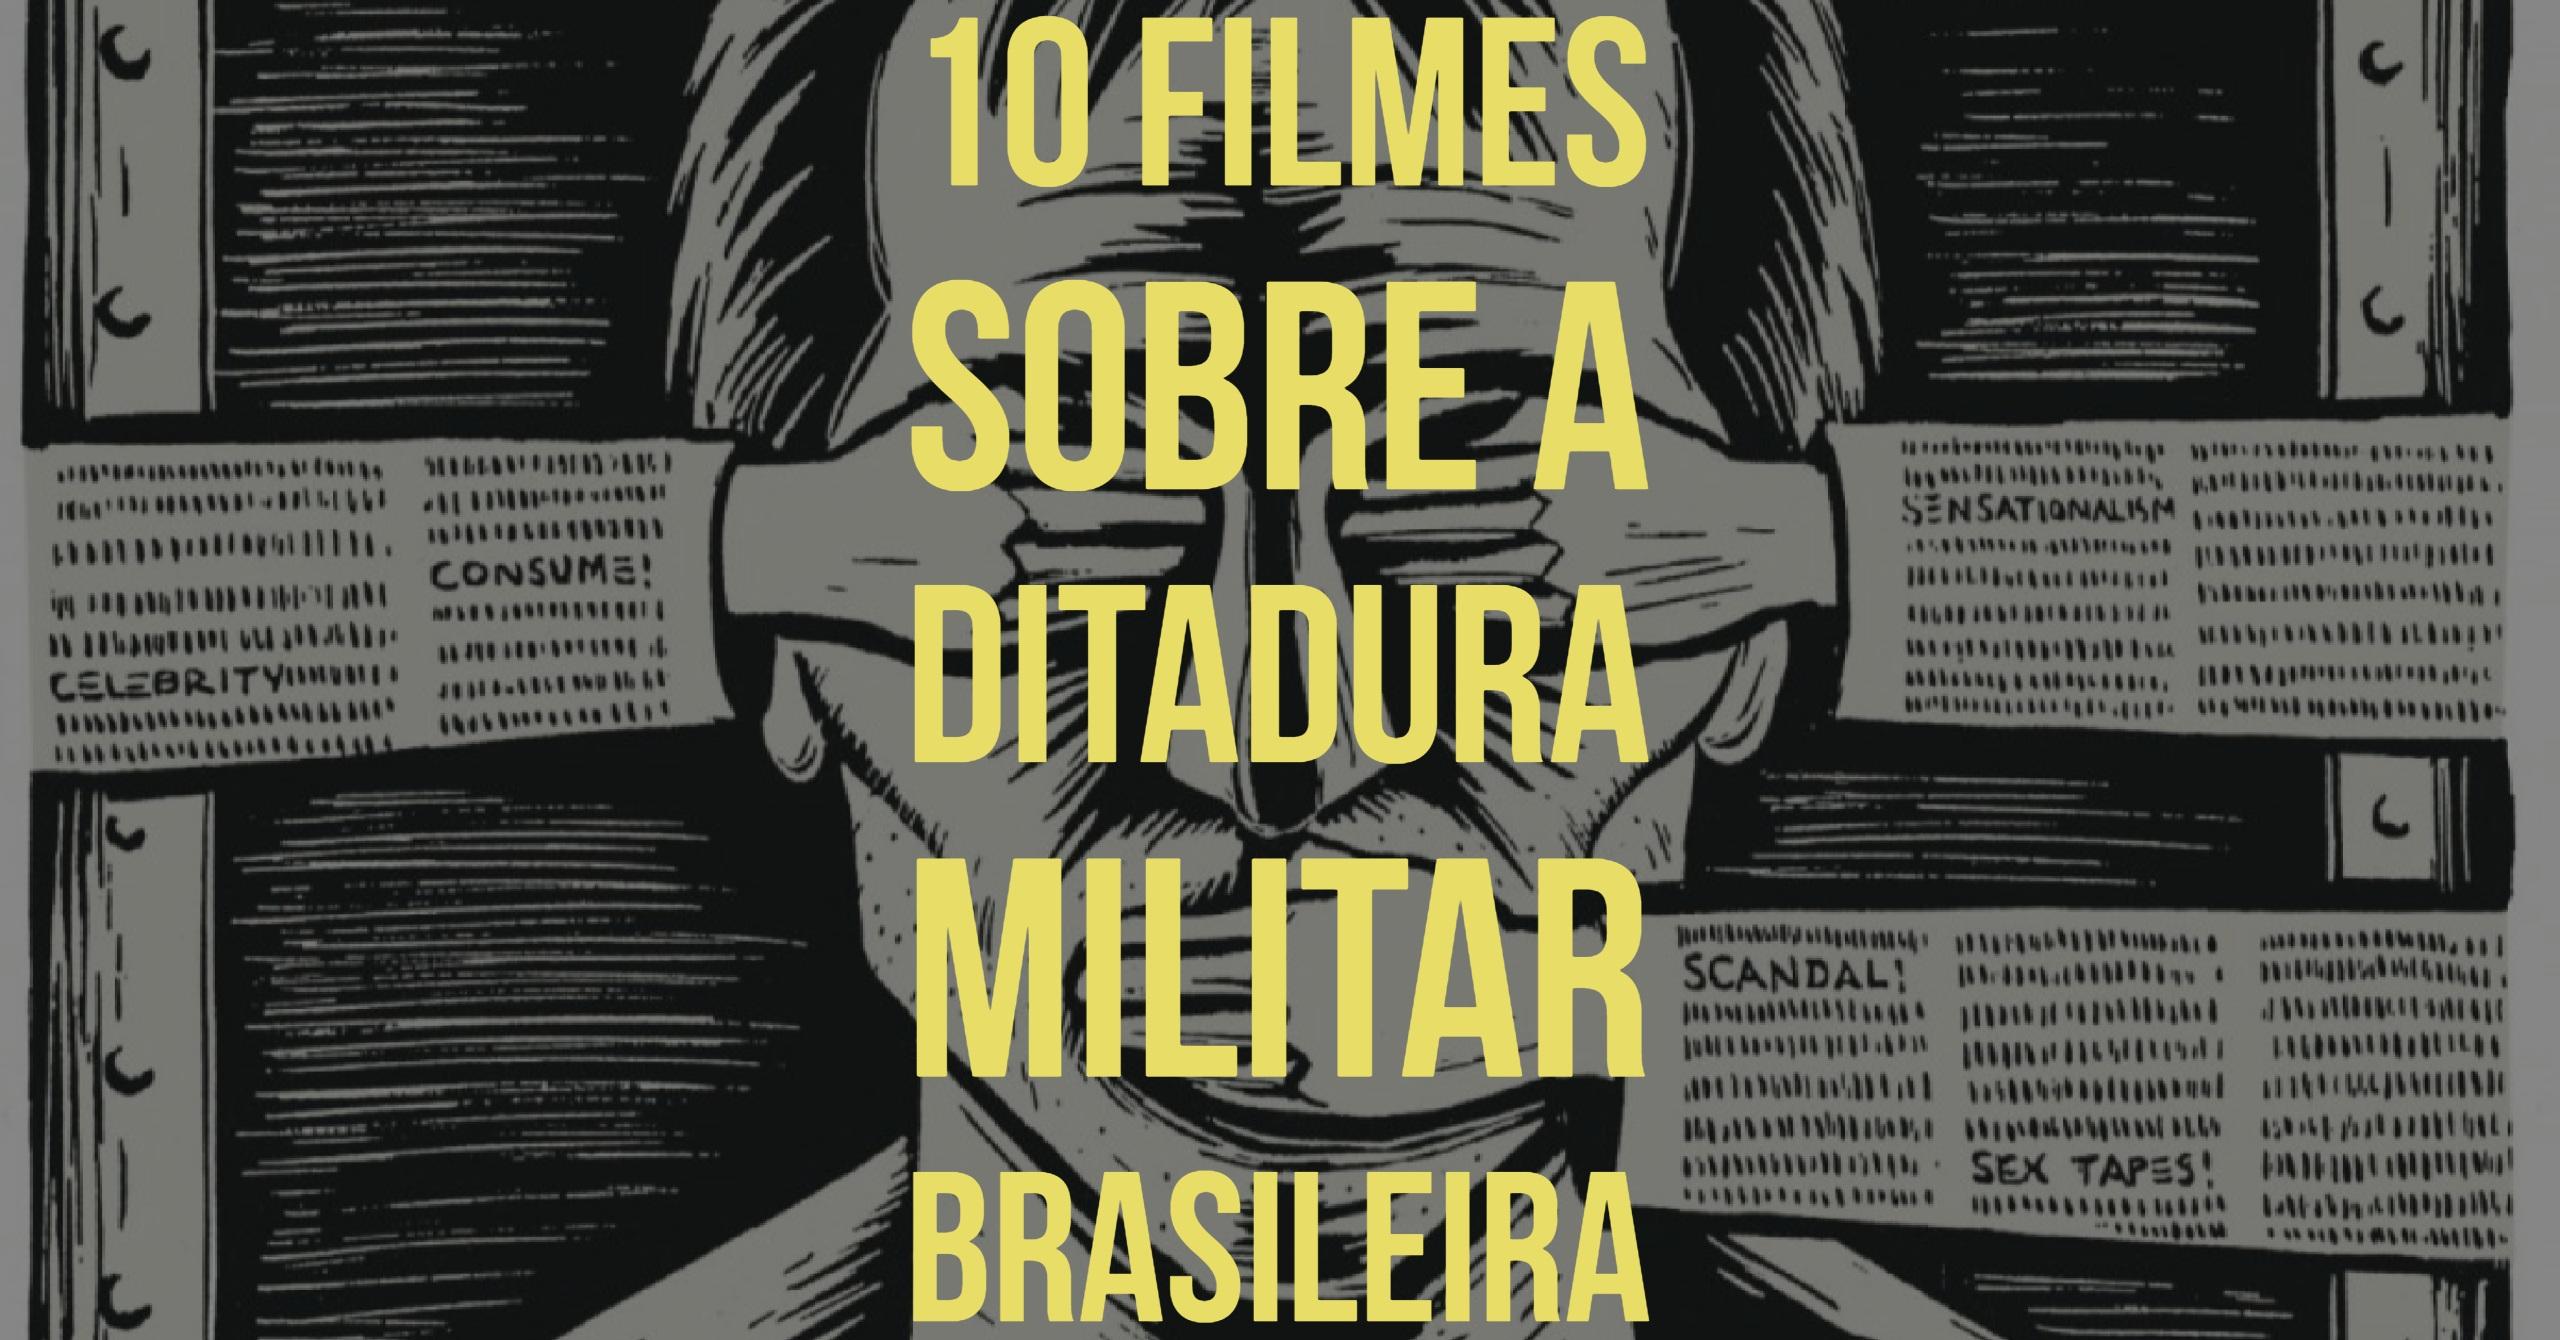 10 Filmes Sobre a Ditadura Militar Brasileira